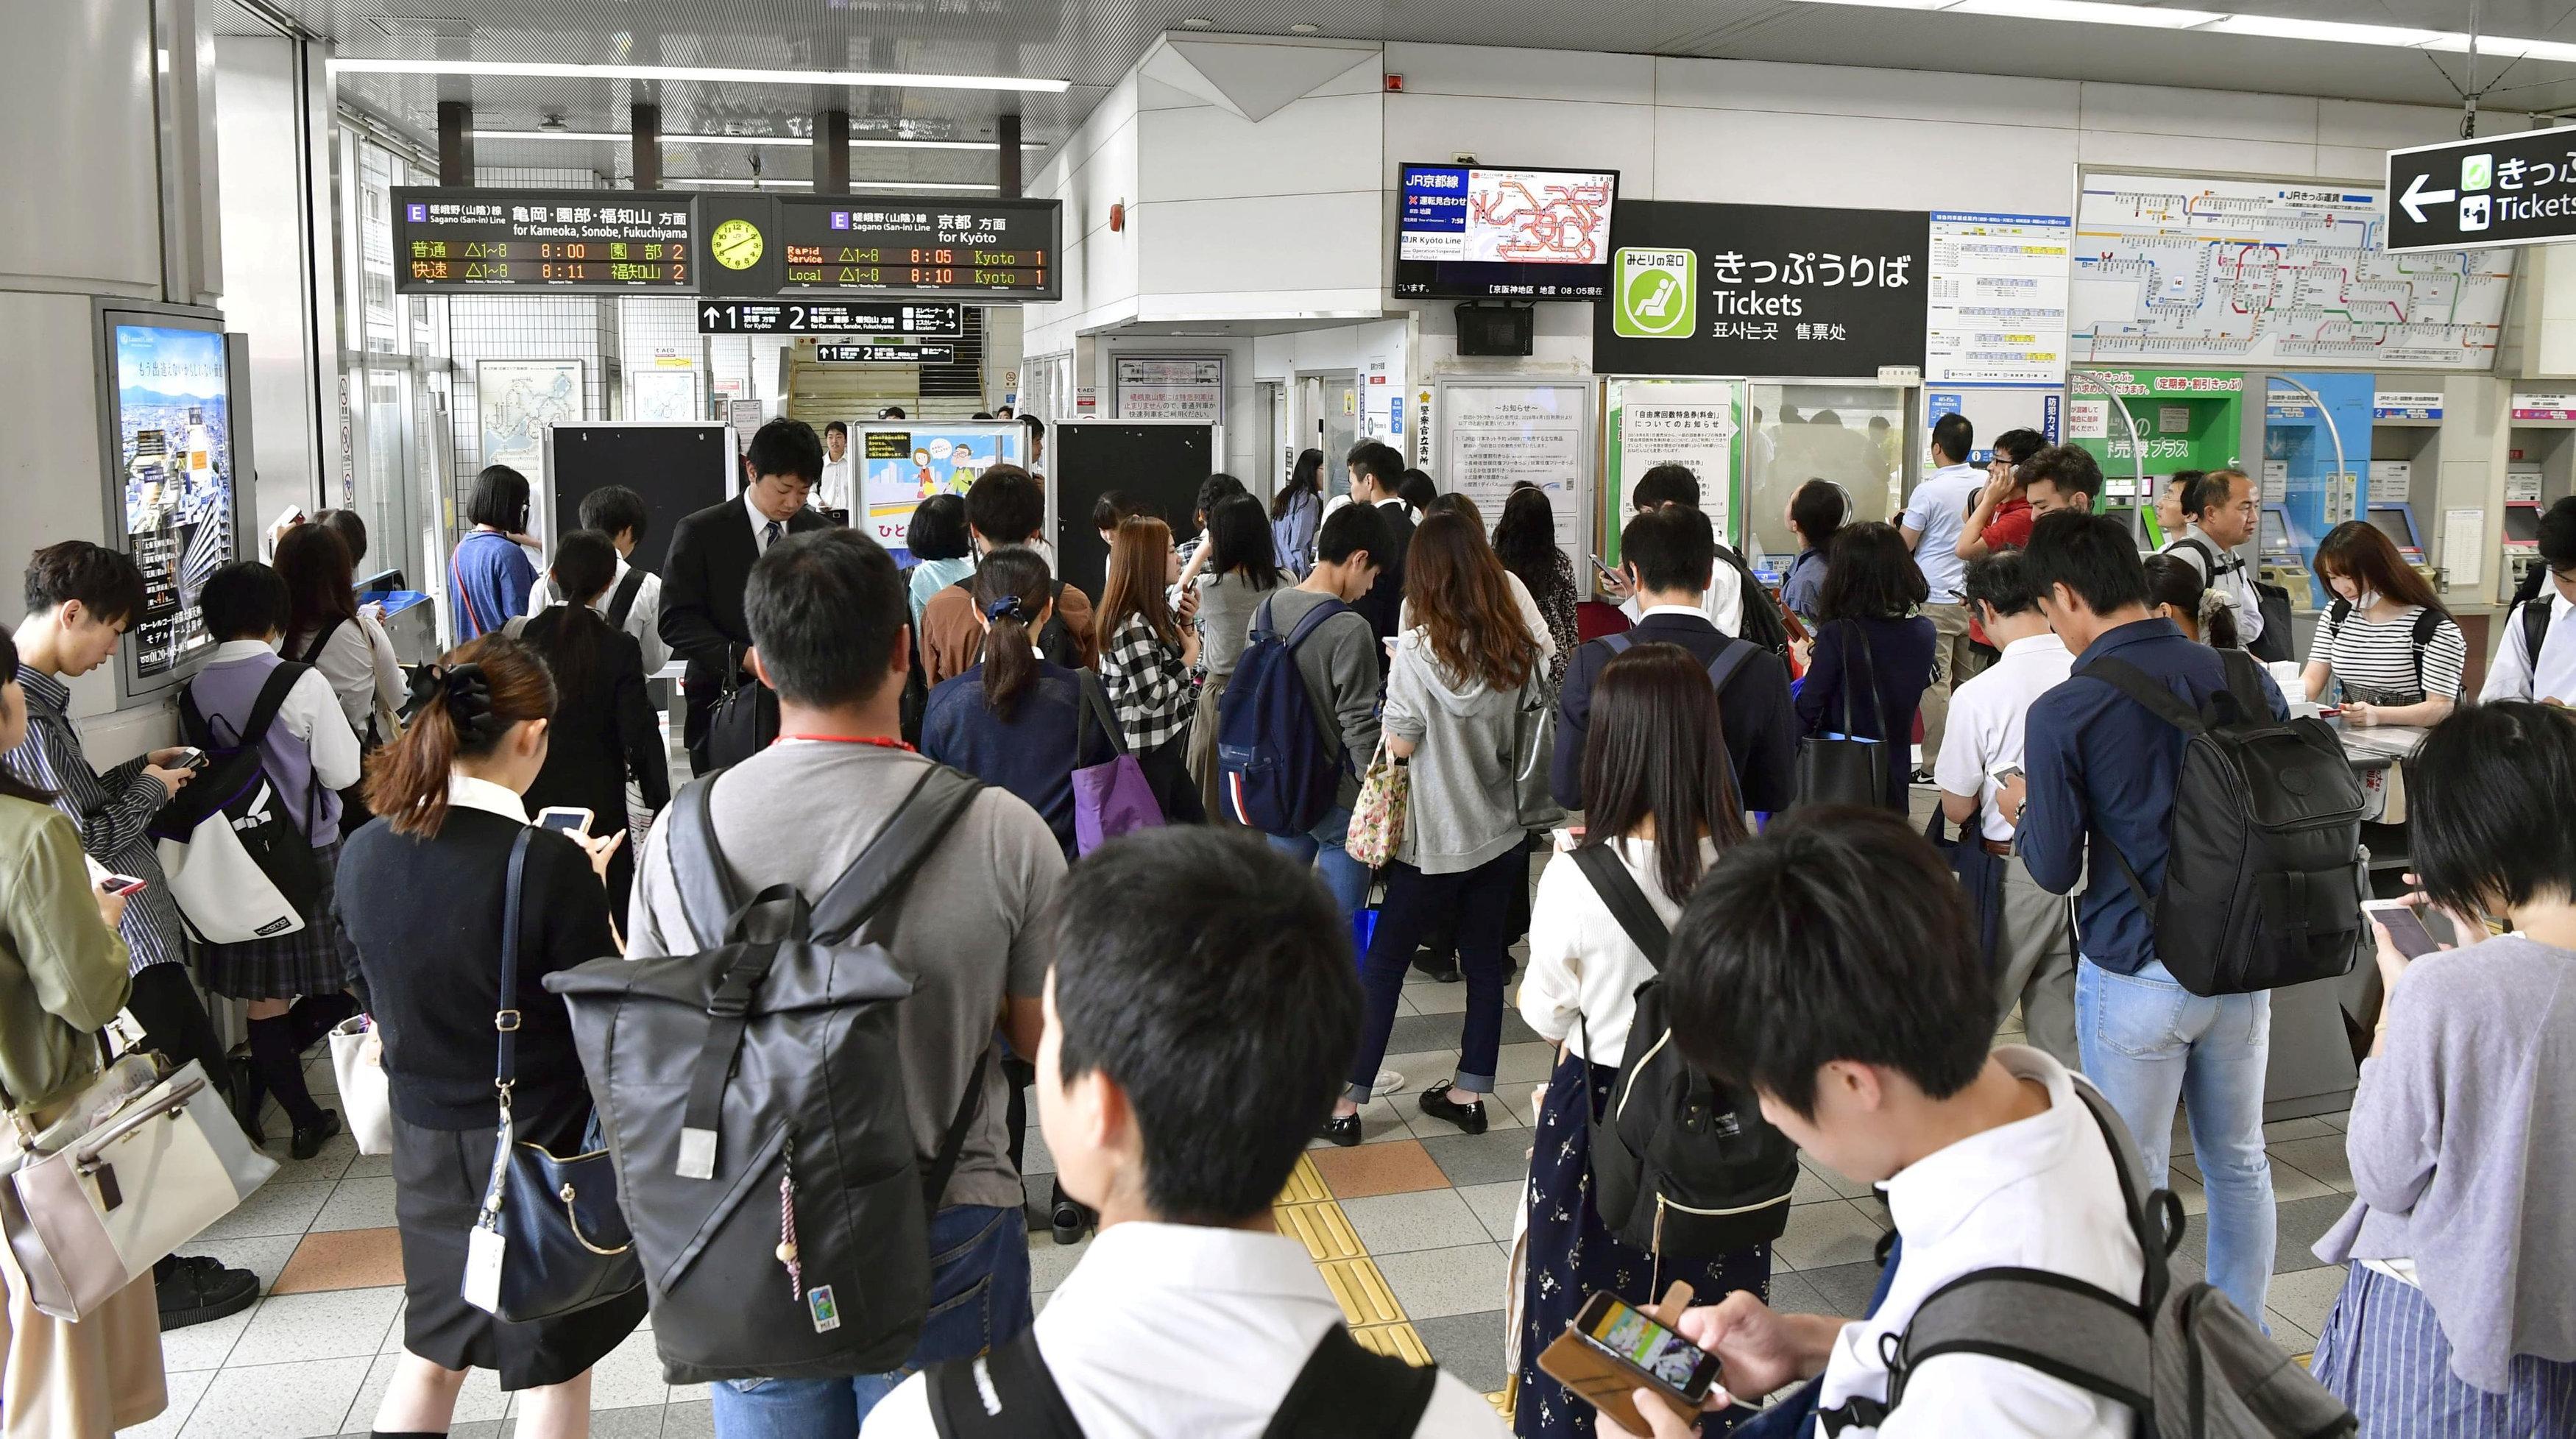 مواطنين يابانيين بانتظار إعادة تشغيل القطارات